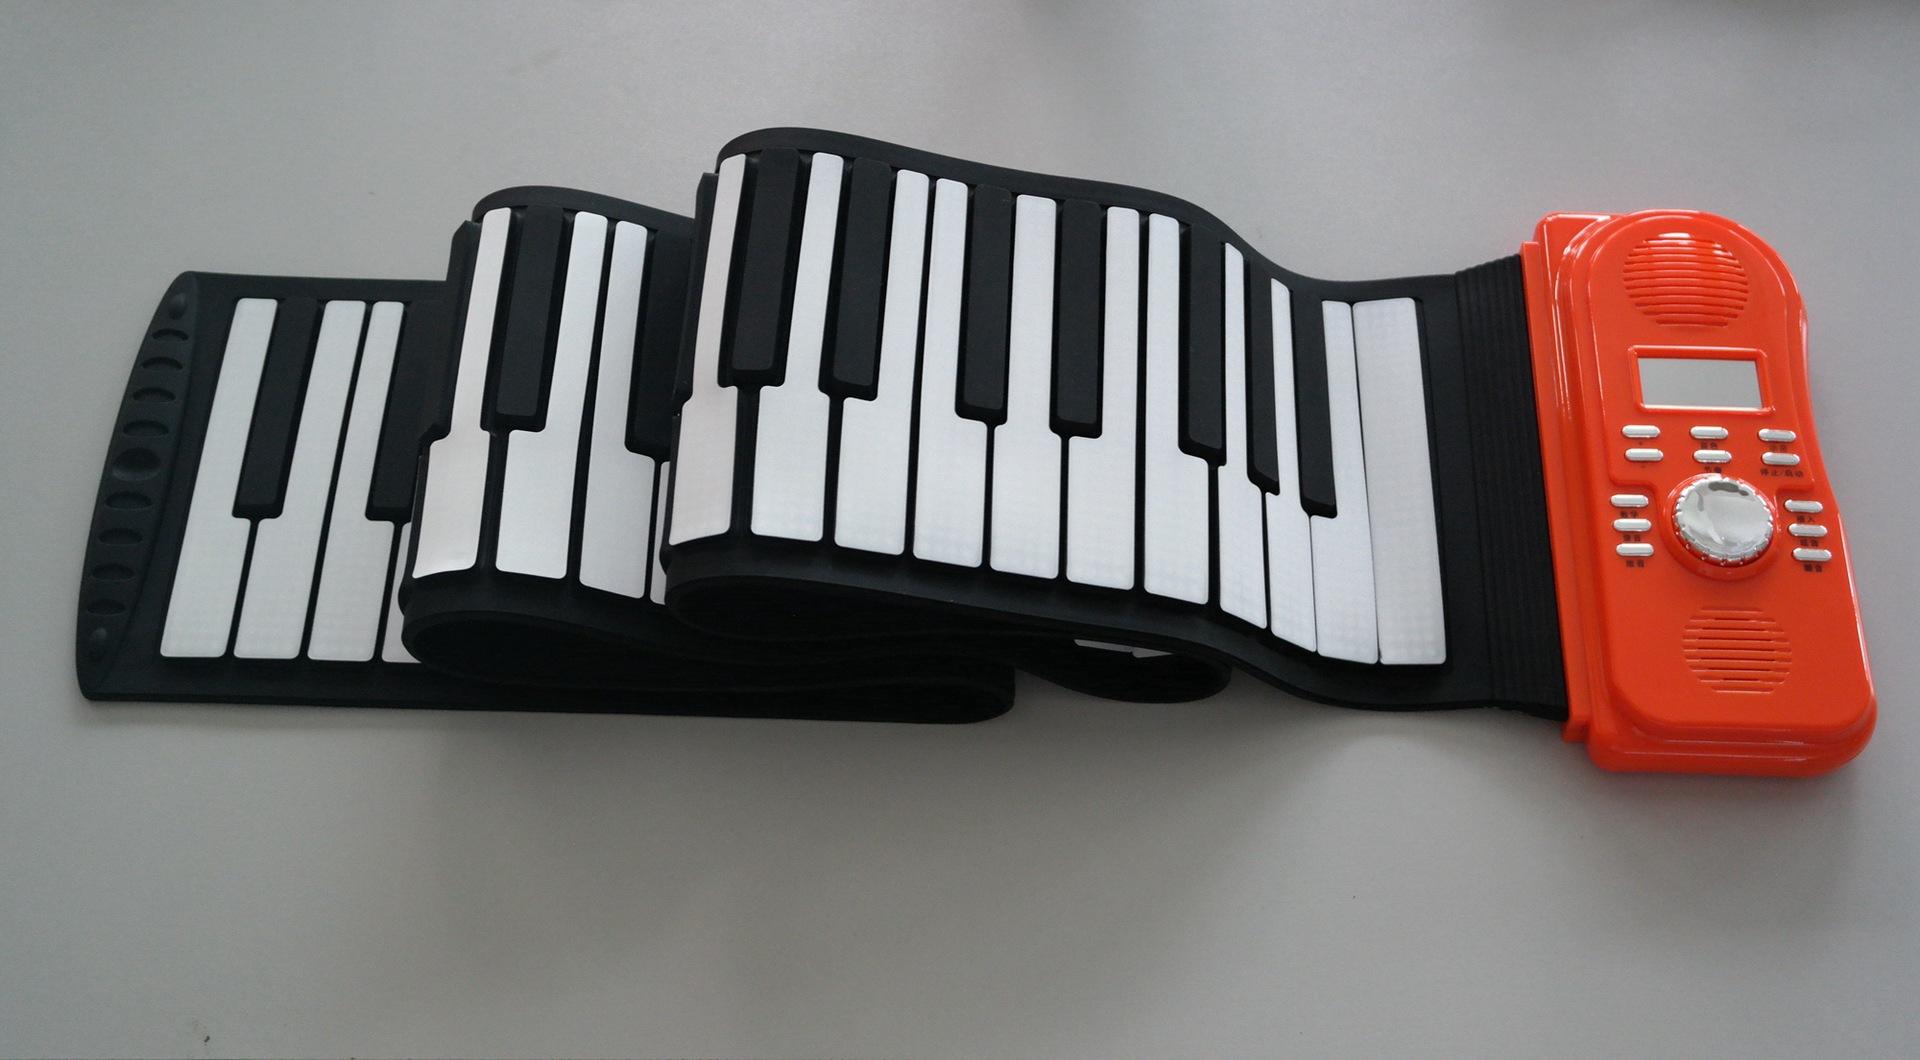 优惠大促销88键高音质手卷钢琴电子琴批发定做 键盘类乐